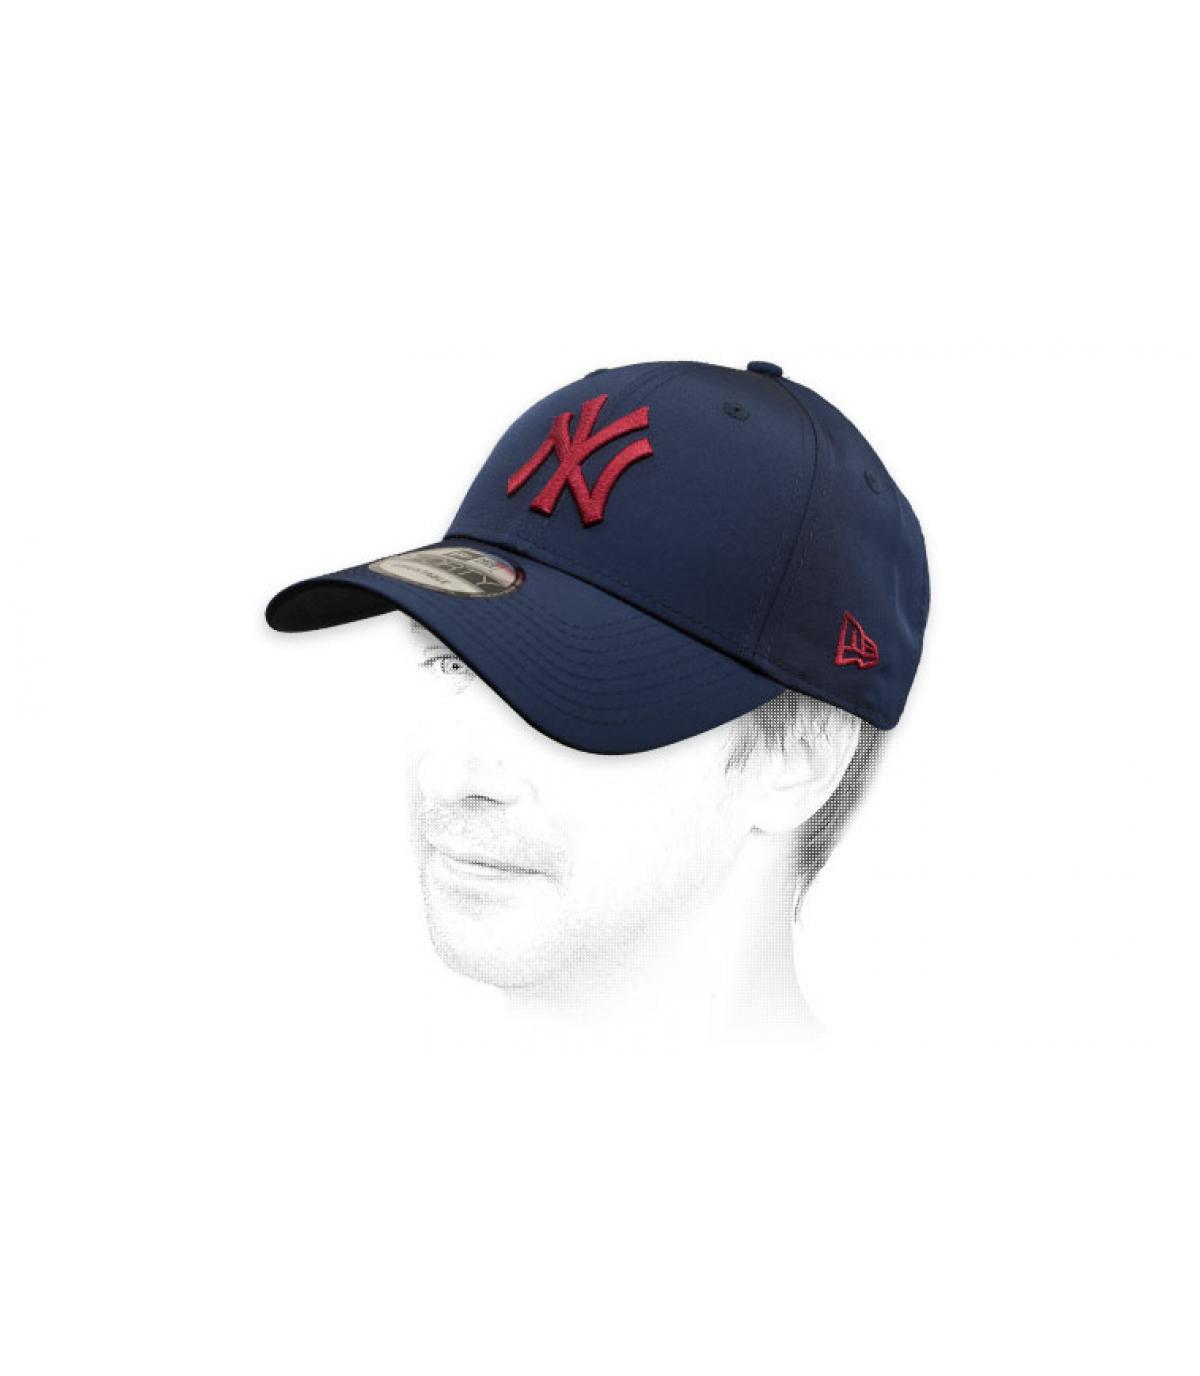 Cappellino bordeaux NY blu